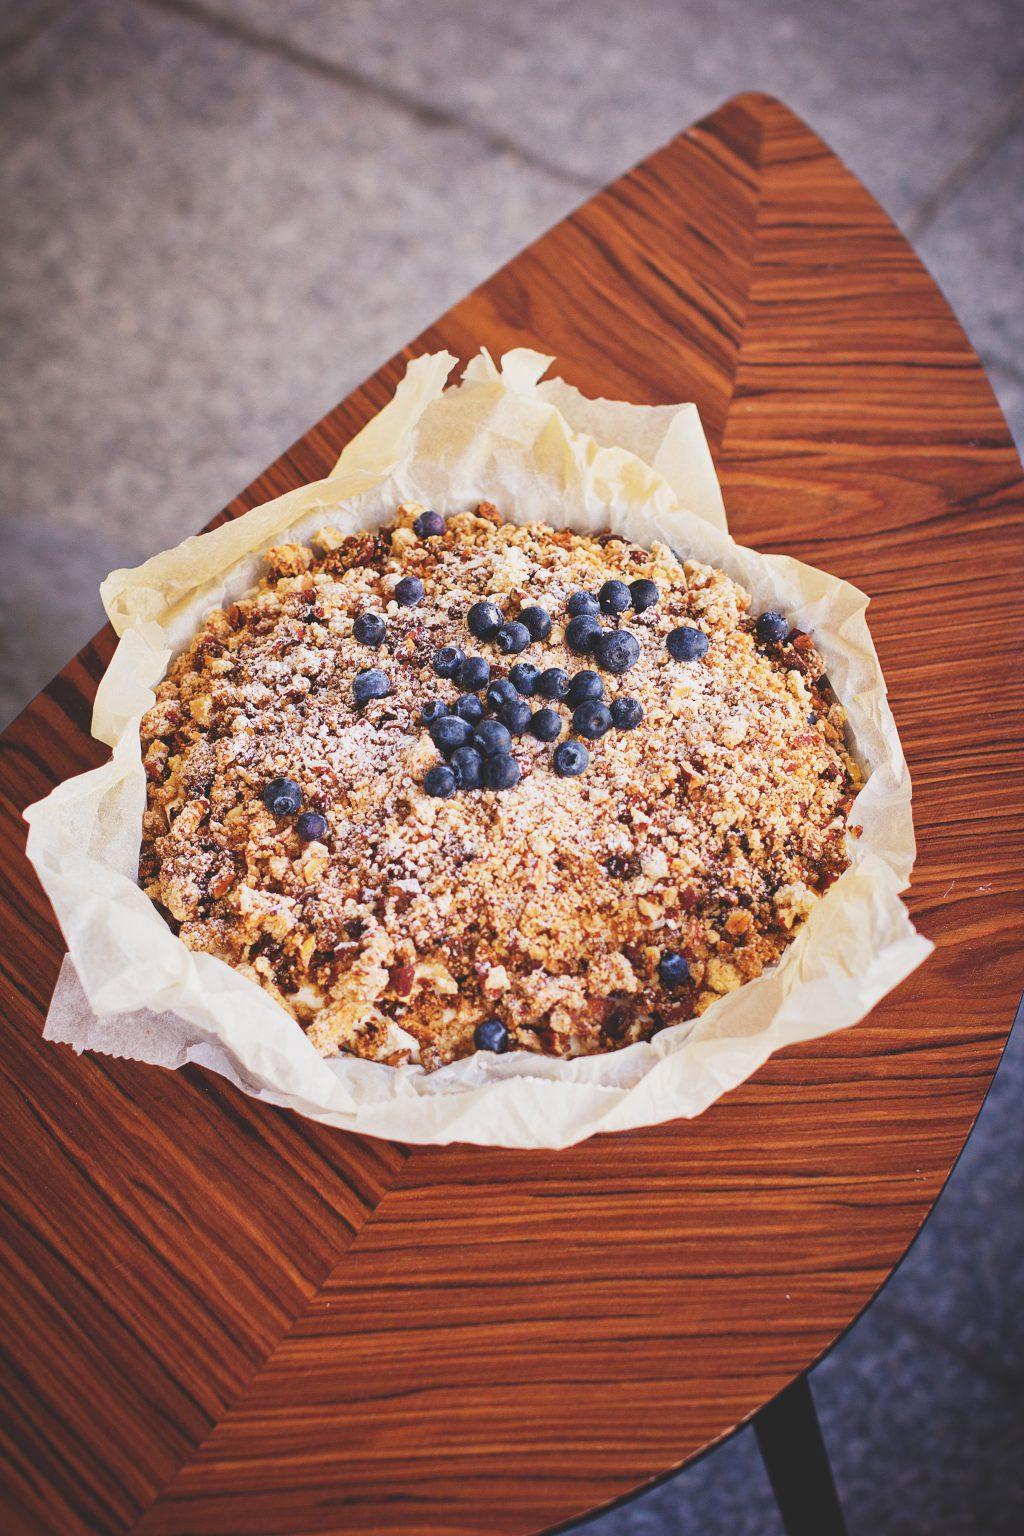 Blueberry pie - free stock photo